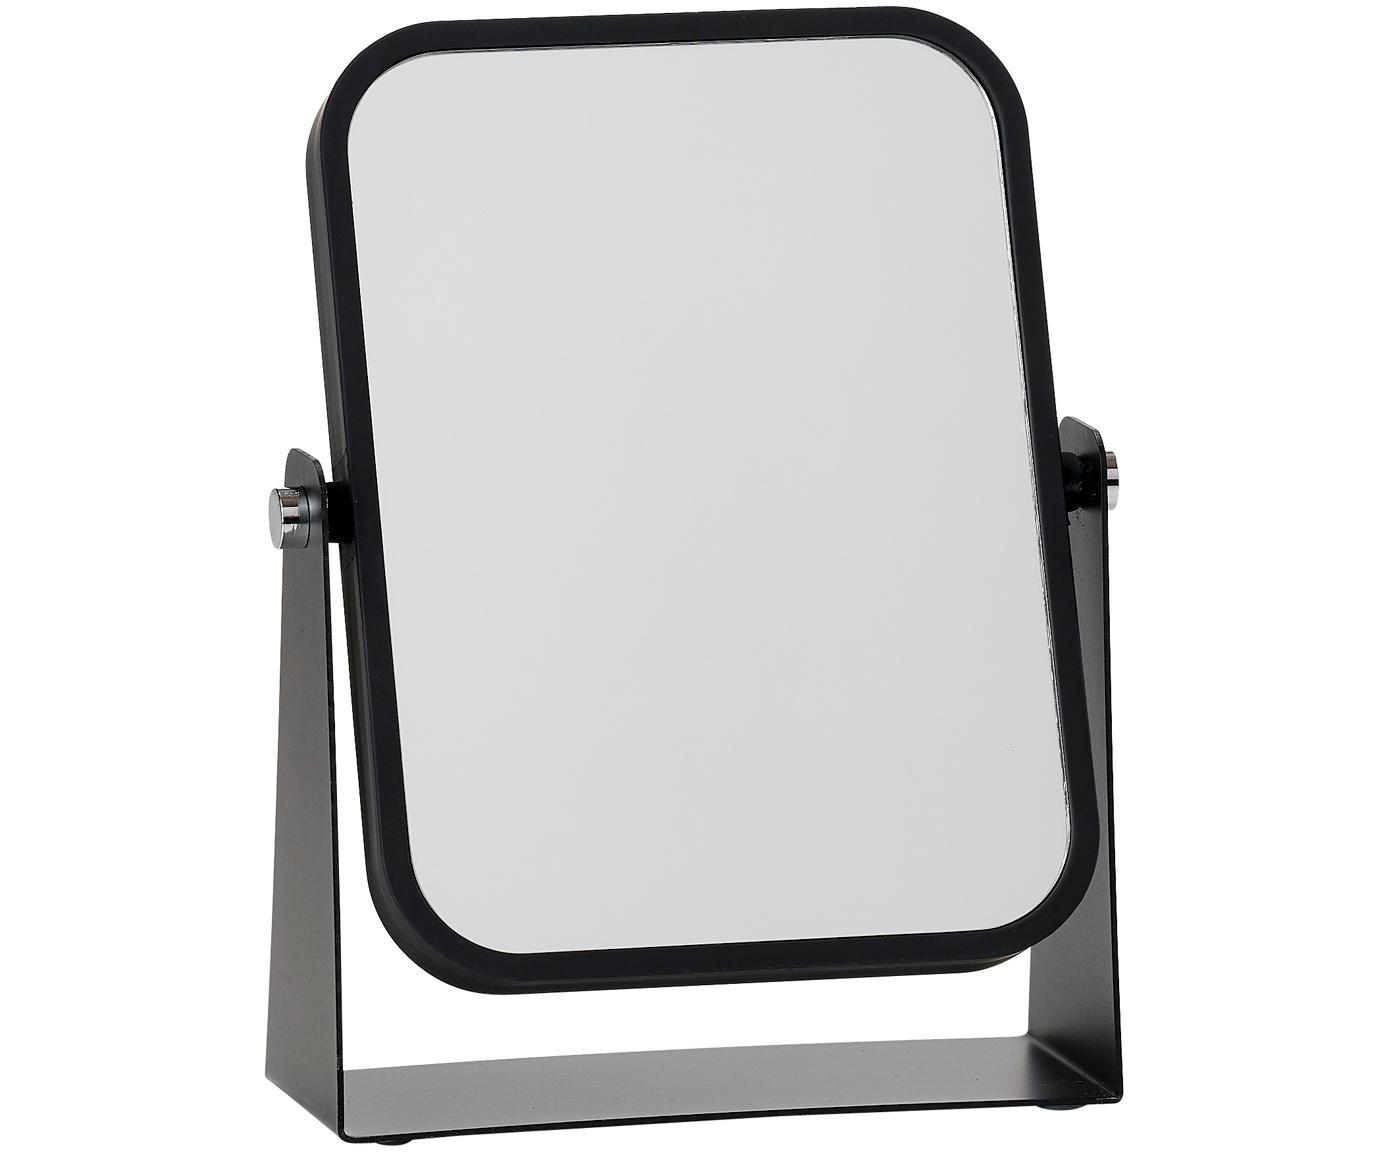 Specchio cosmetico Aurora con ingrandimento, Cornice: metallo, Superficie dello specchio: lastra di vetro, Cornice: nero Superficie dello specchio: lastra di vetro, L 15 x A 21 cm